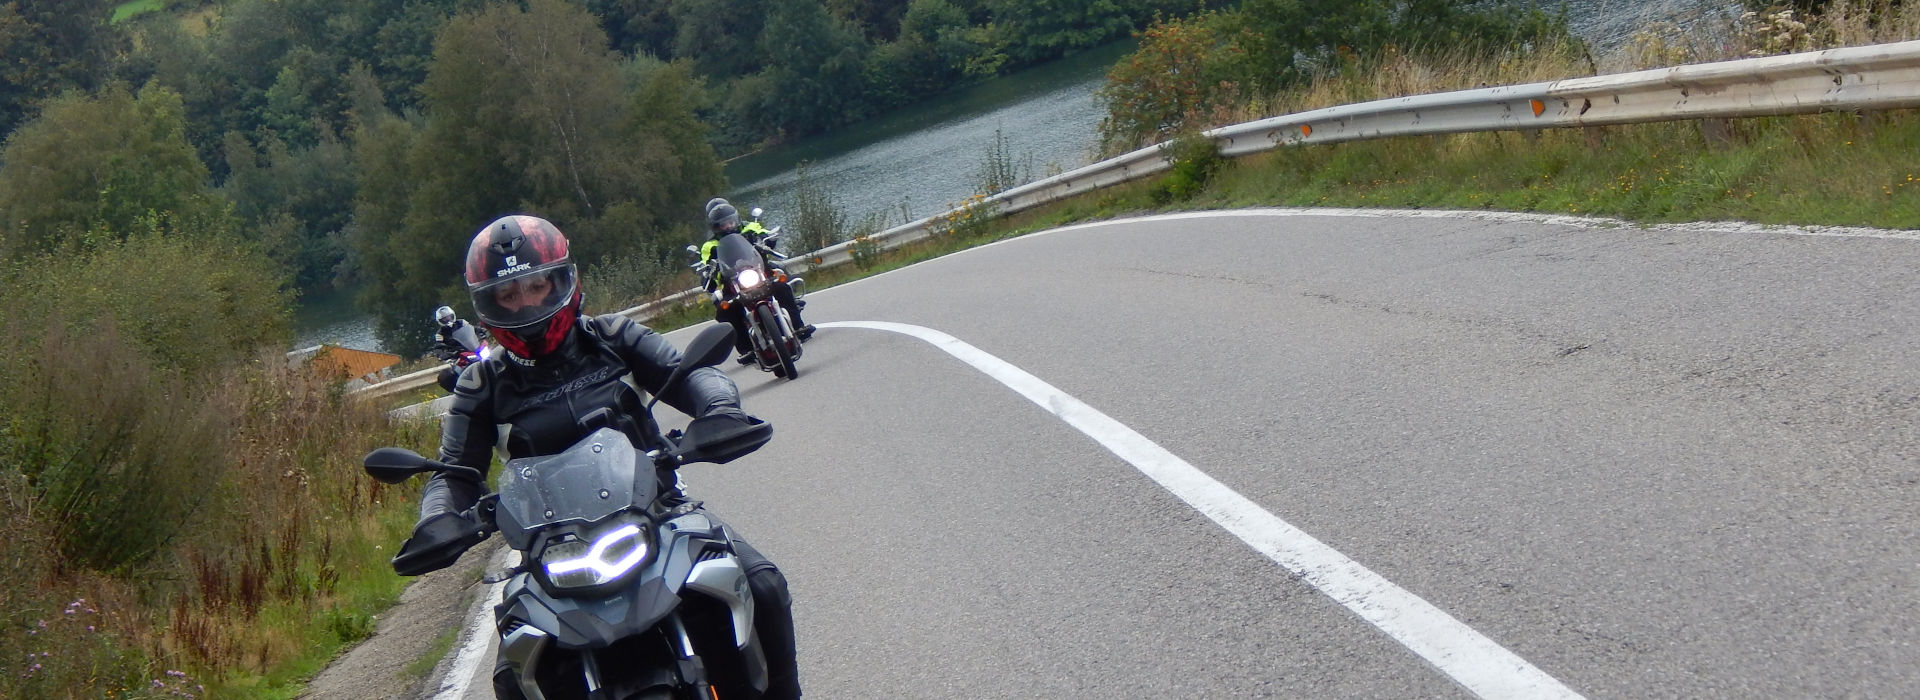 Motorrijbewijspoint Baarschot motorrijlessen